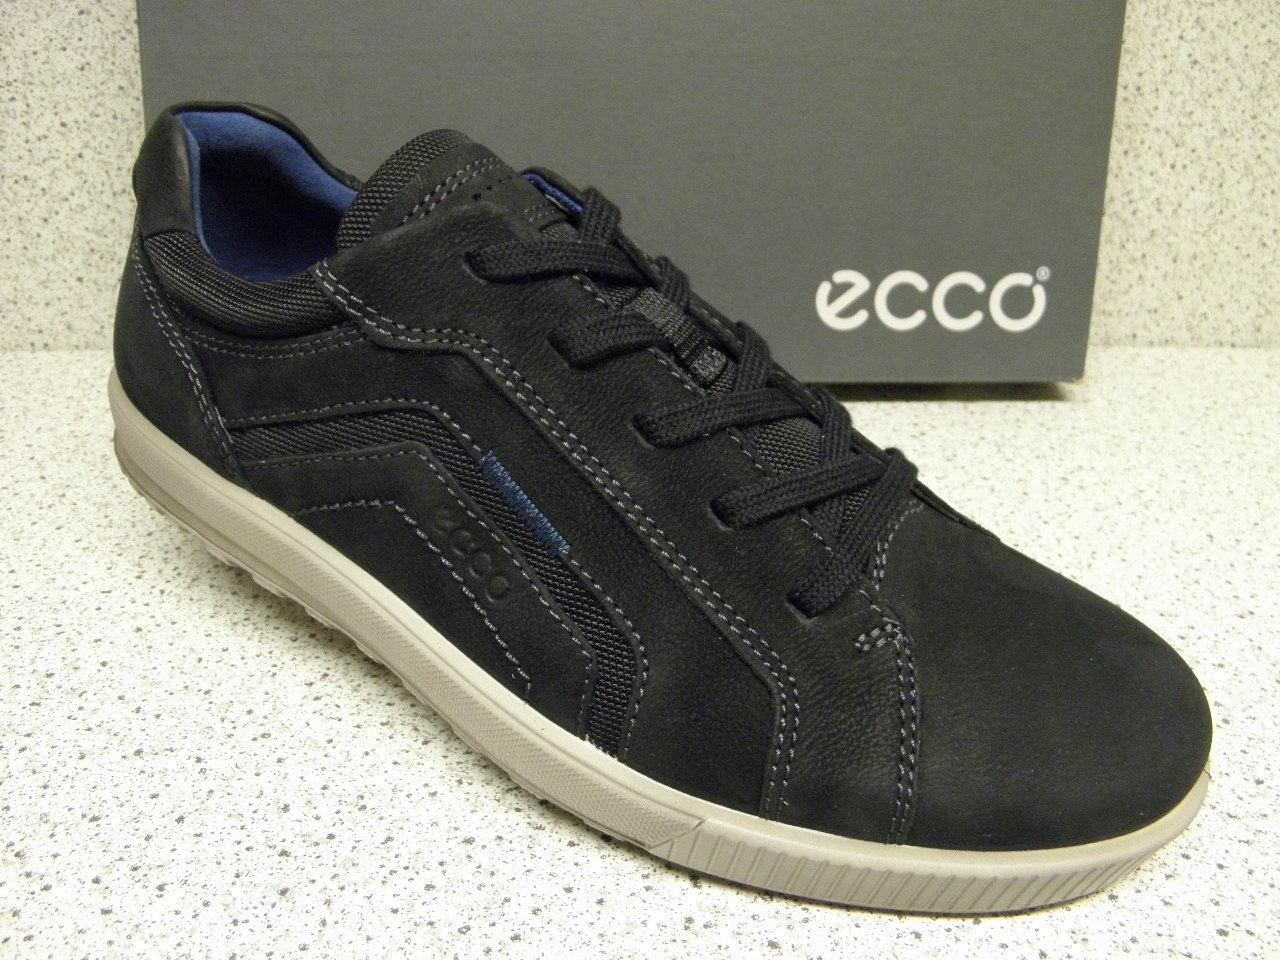 Ecco ®  ROTuziert,   modisch bisher  99,95 € modisch    Sneaker schwarz   (E71) e34d76